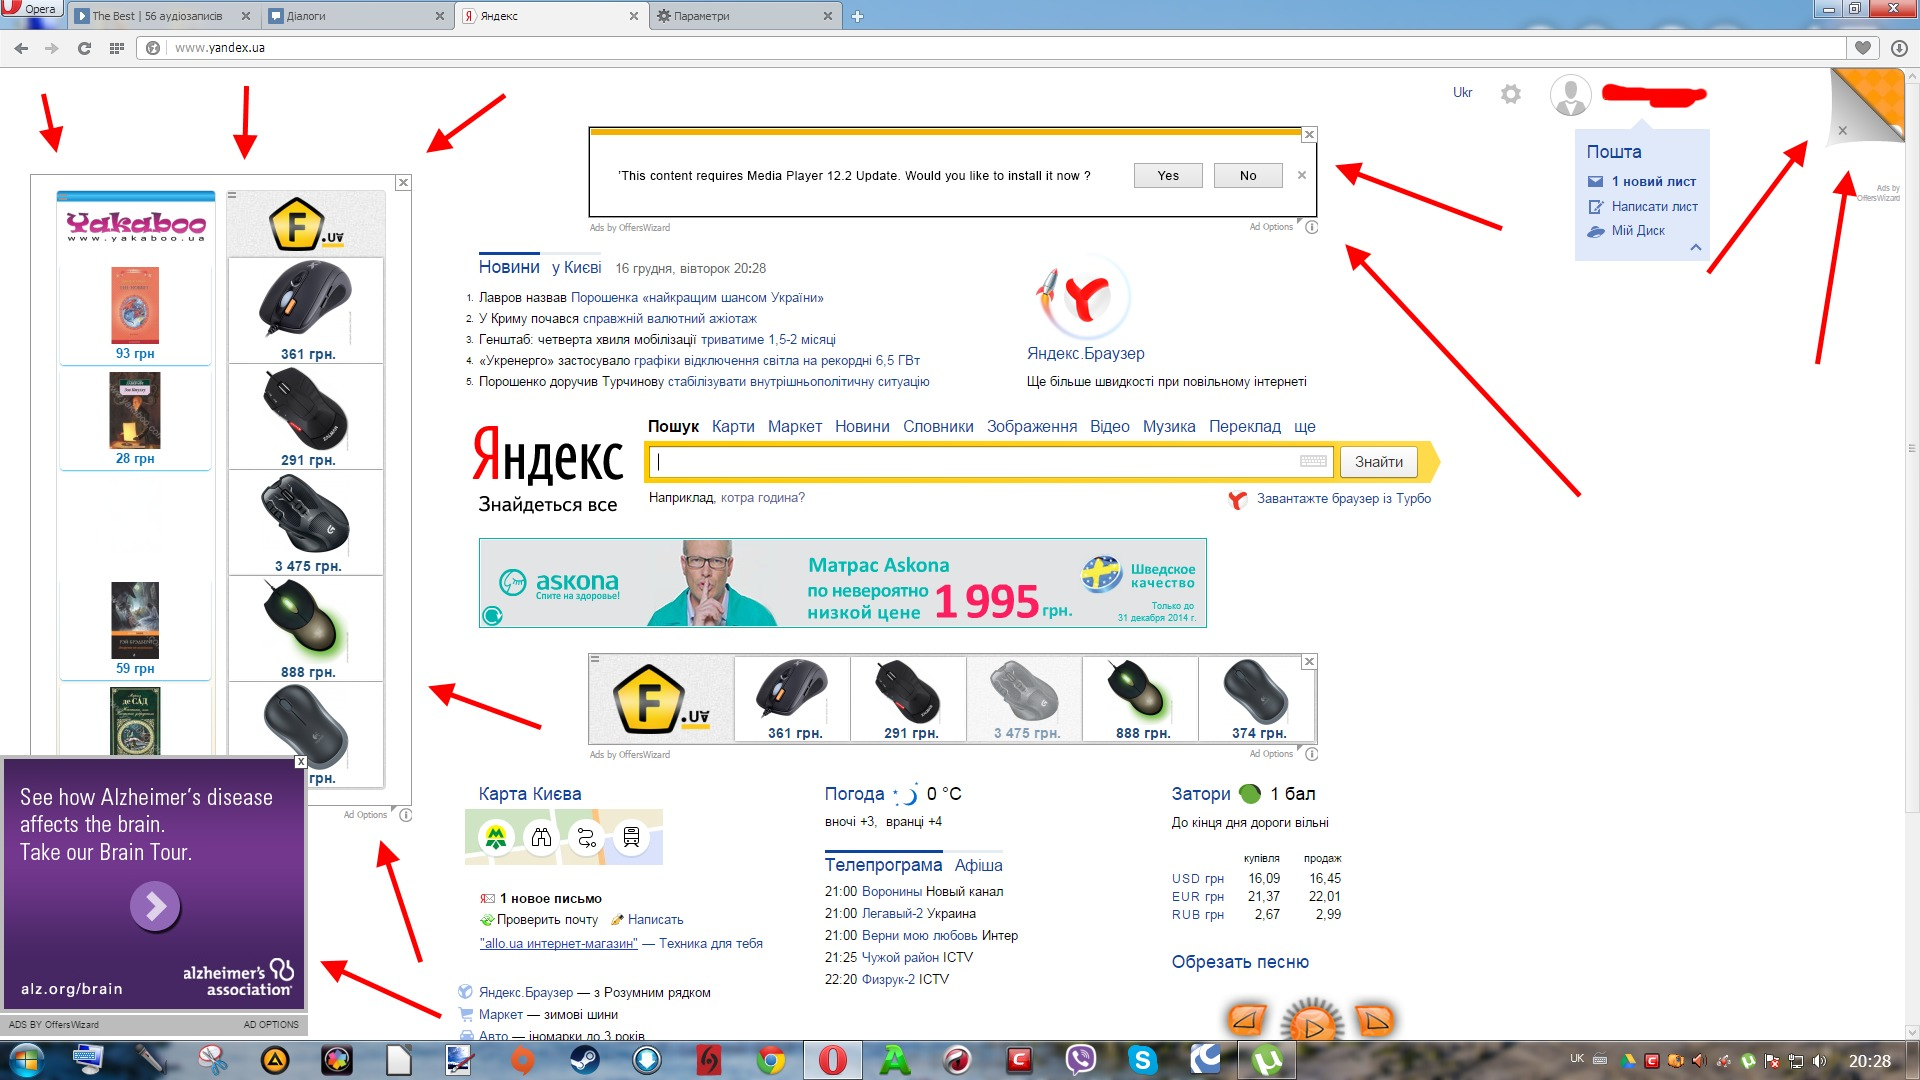 Как сделать чтобы сайт появился в гугле